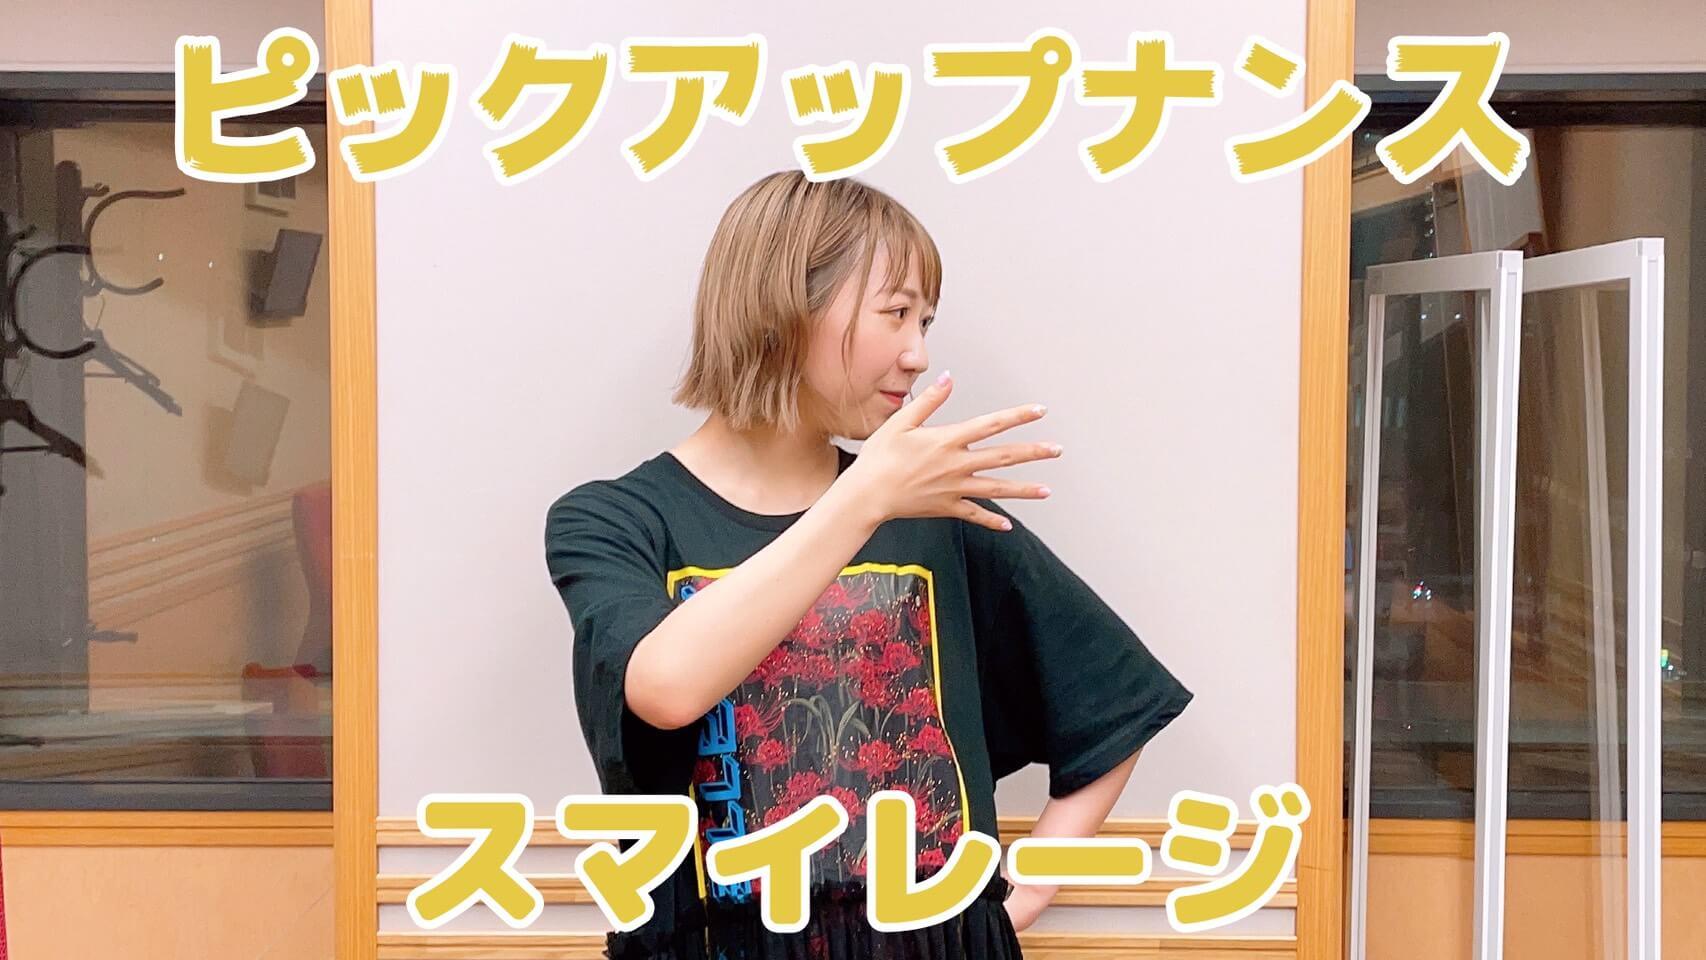 【夏川椎菜】ピックアップナンス「スマイレージ」